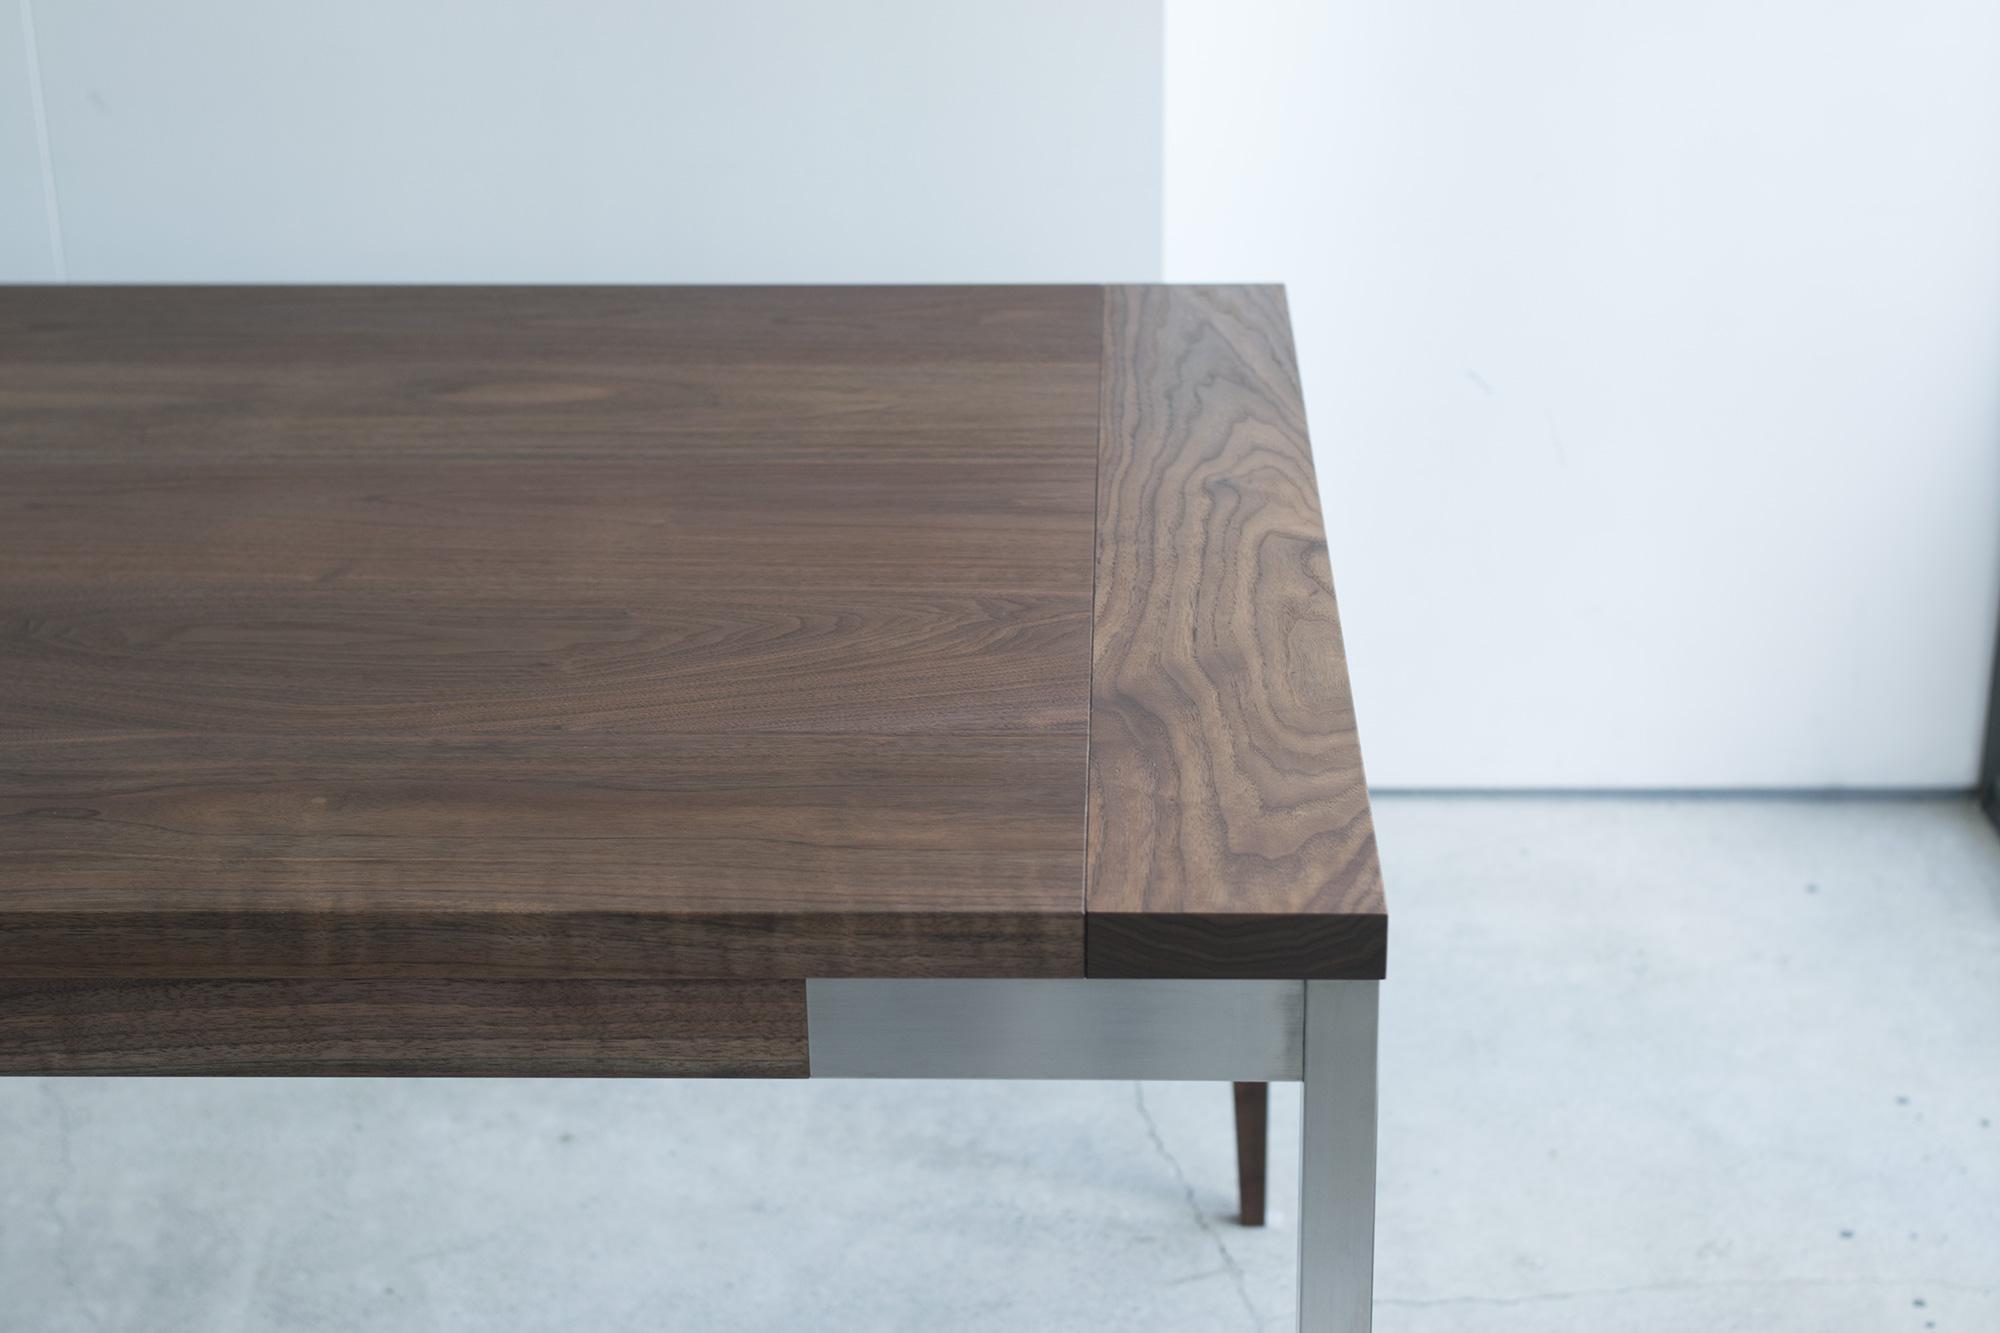 オルタナティブテーブル ウォールナット材天板のハシバミ